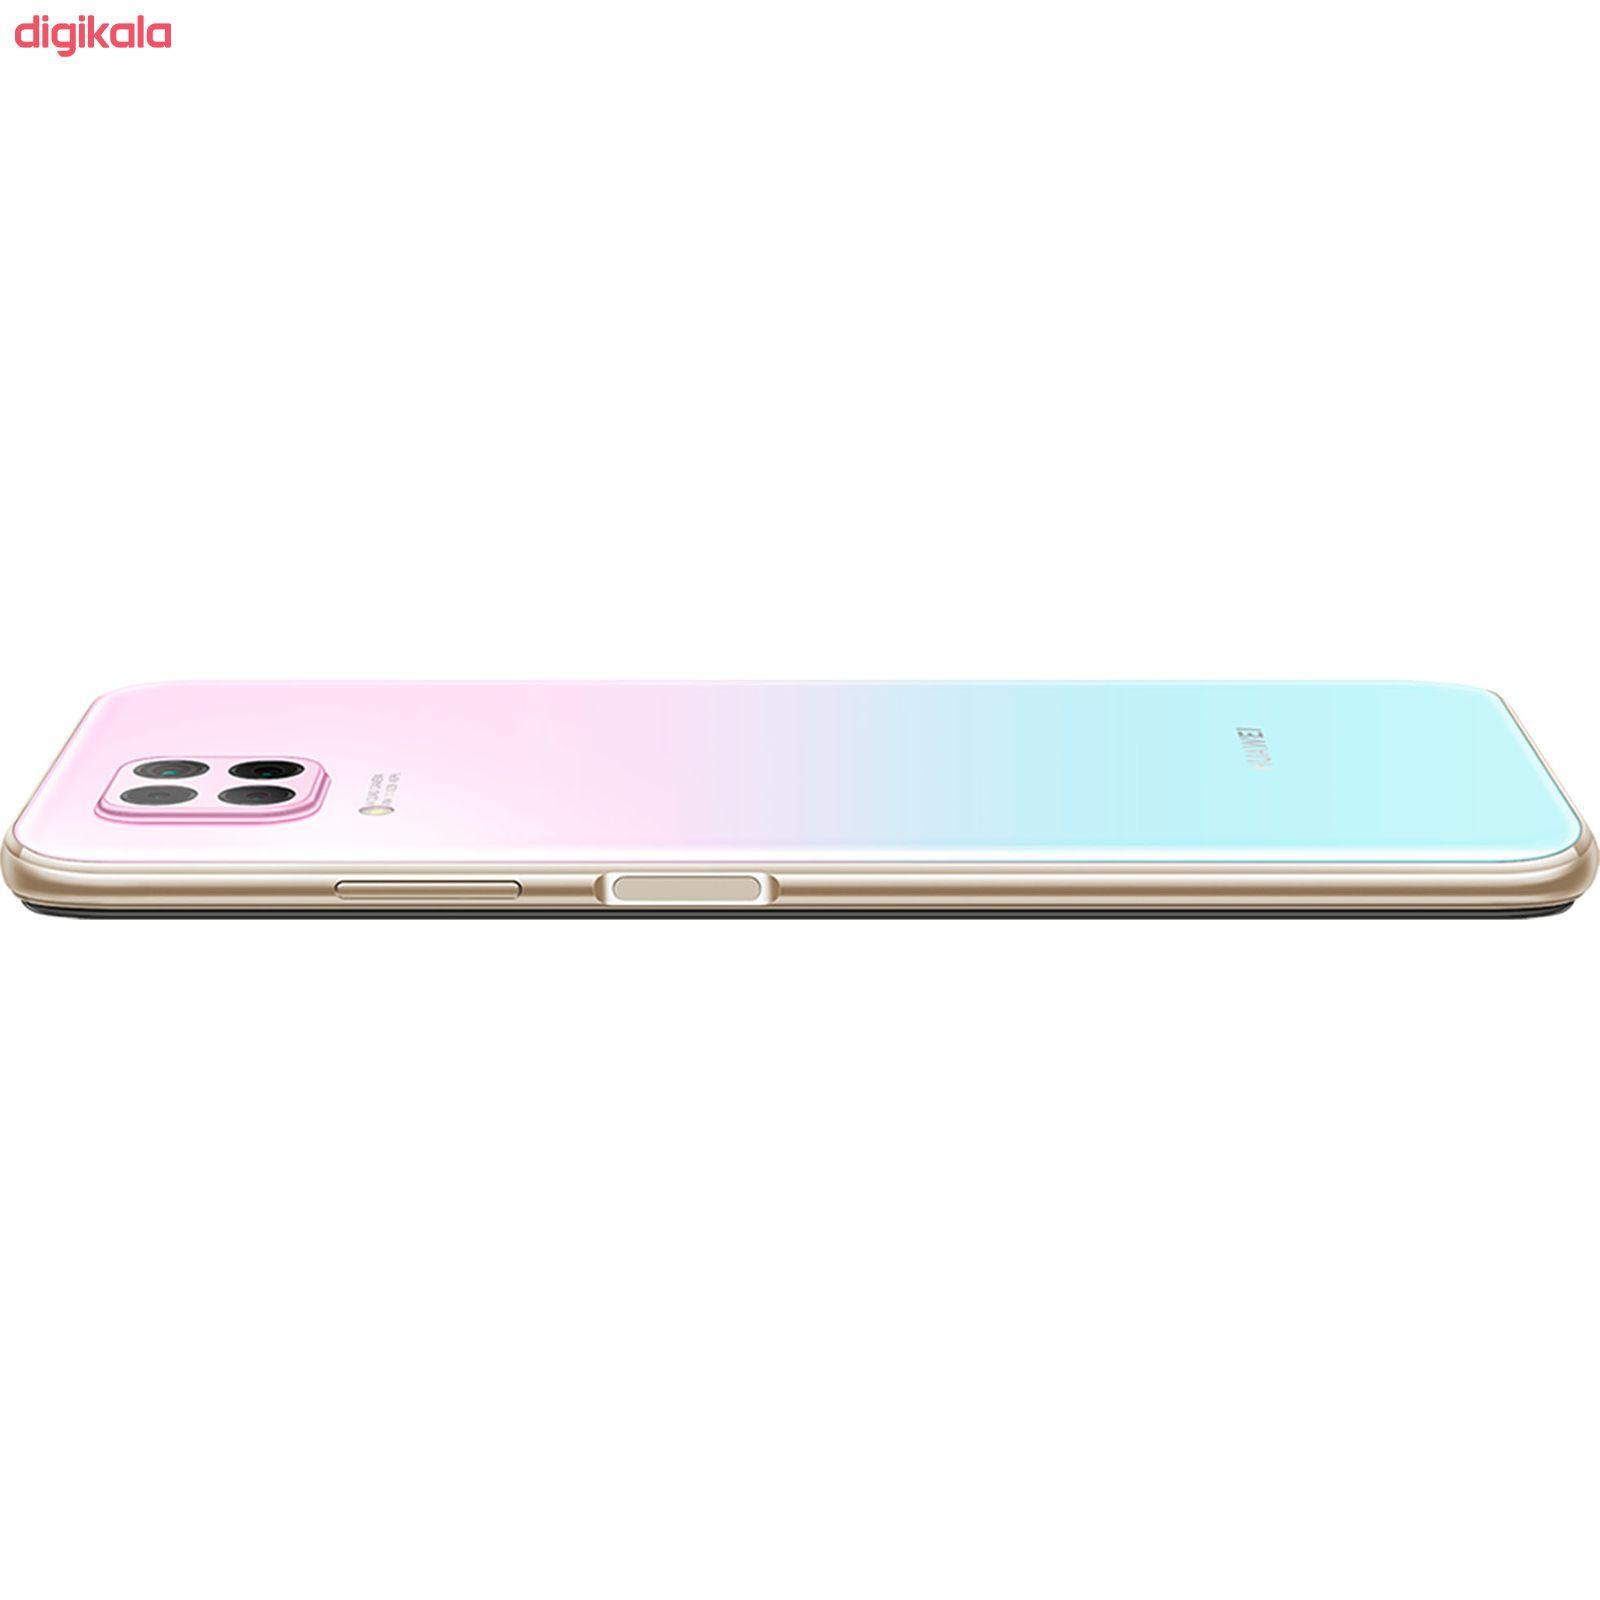 گوشی موبایل هوآوی مدل Nova 7i JNY-LX1 دو سیم کارت ظرفیت 128 گیگابایت main 1 25